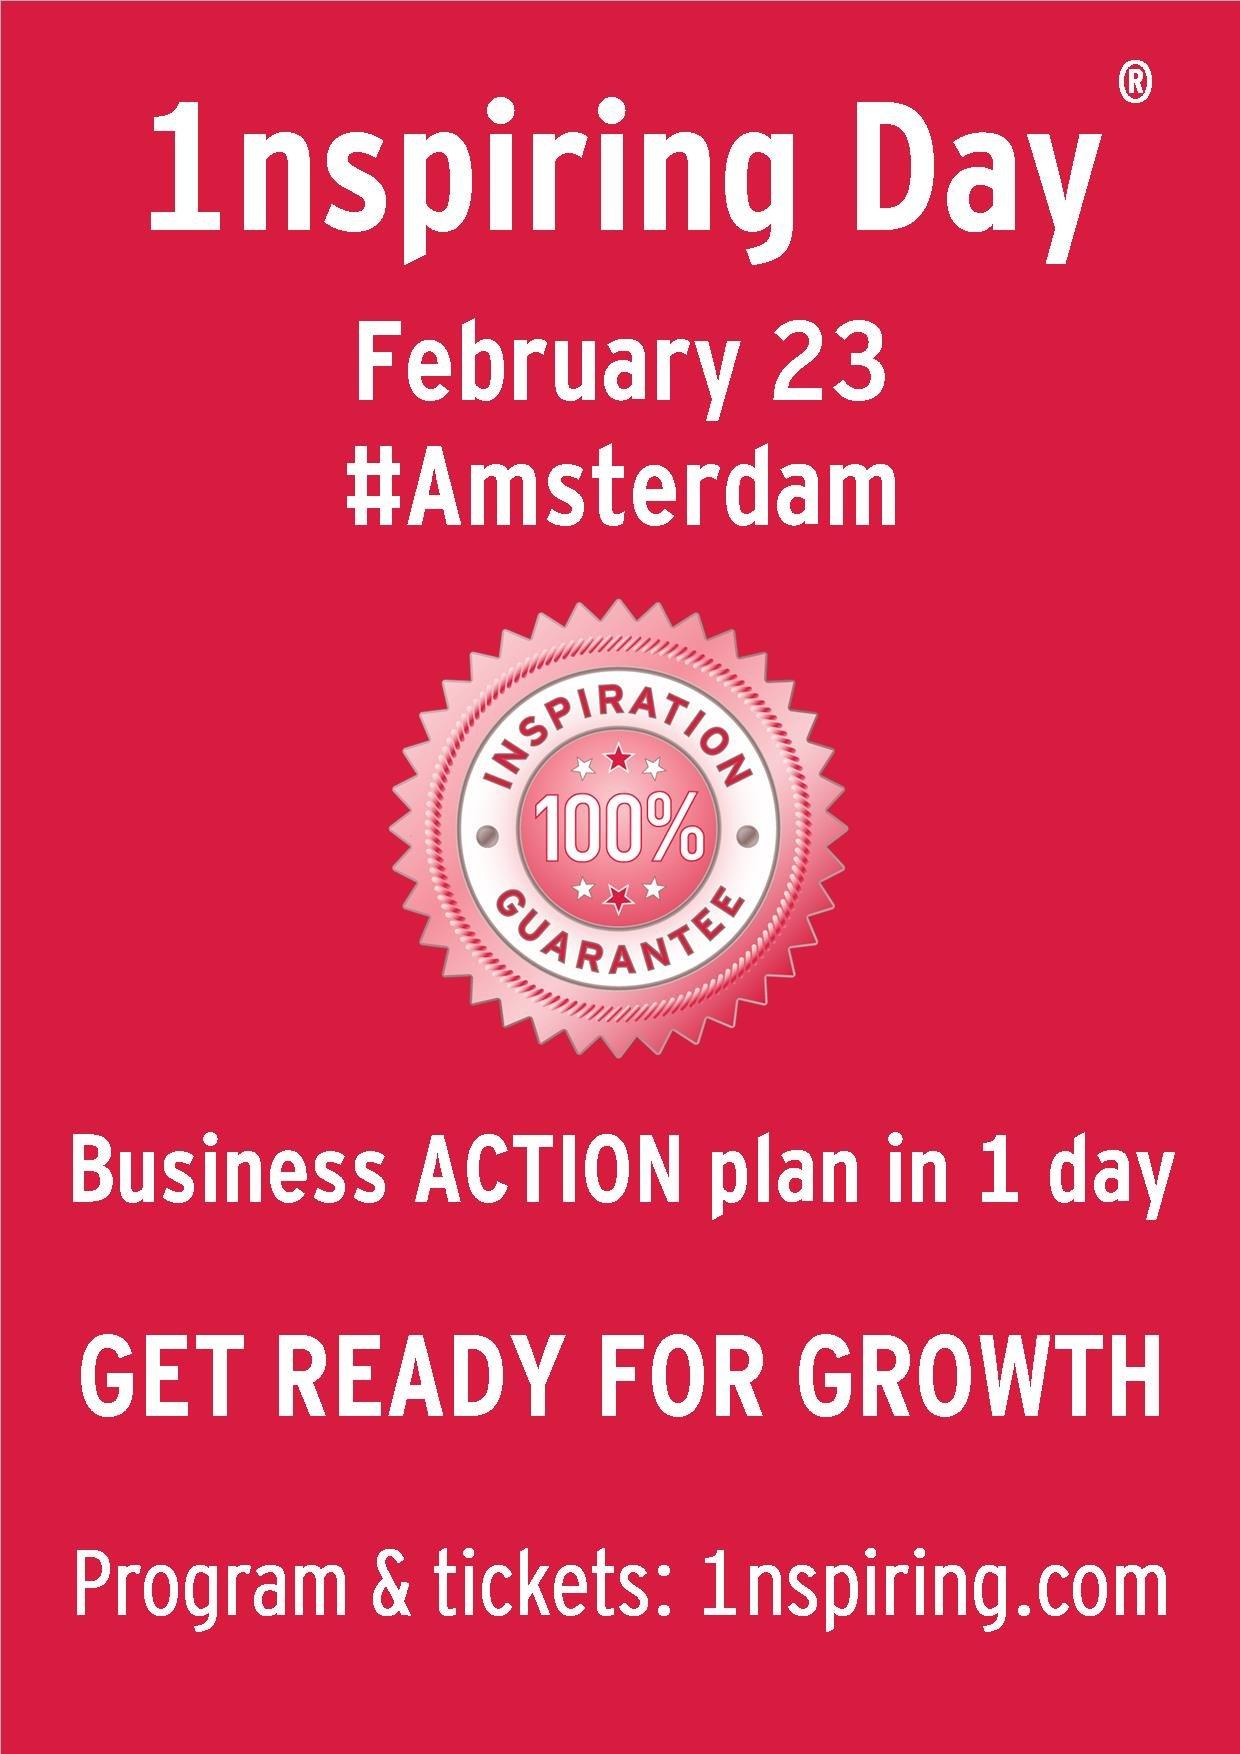 1nspiring Day #Amsterdam